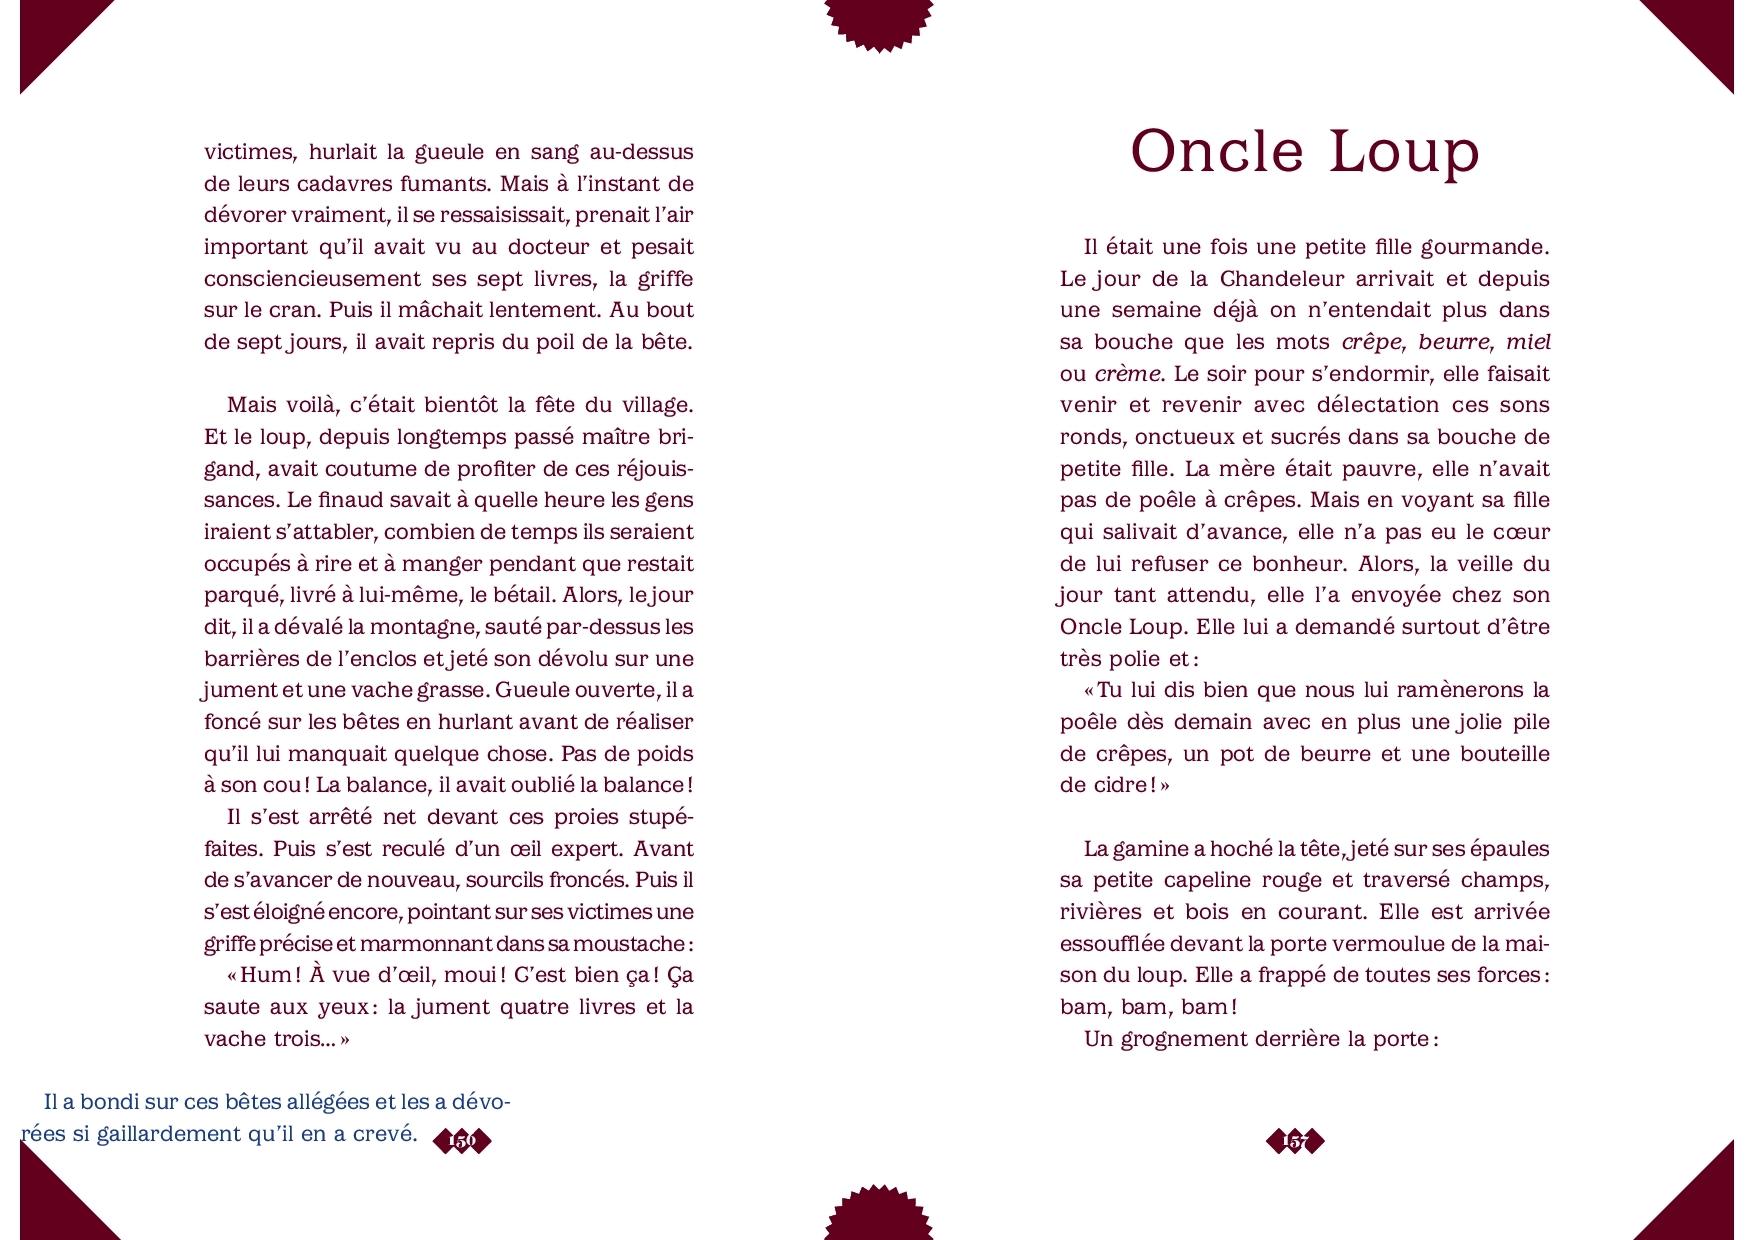 Oncle Loup